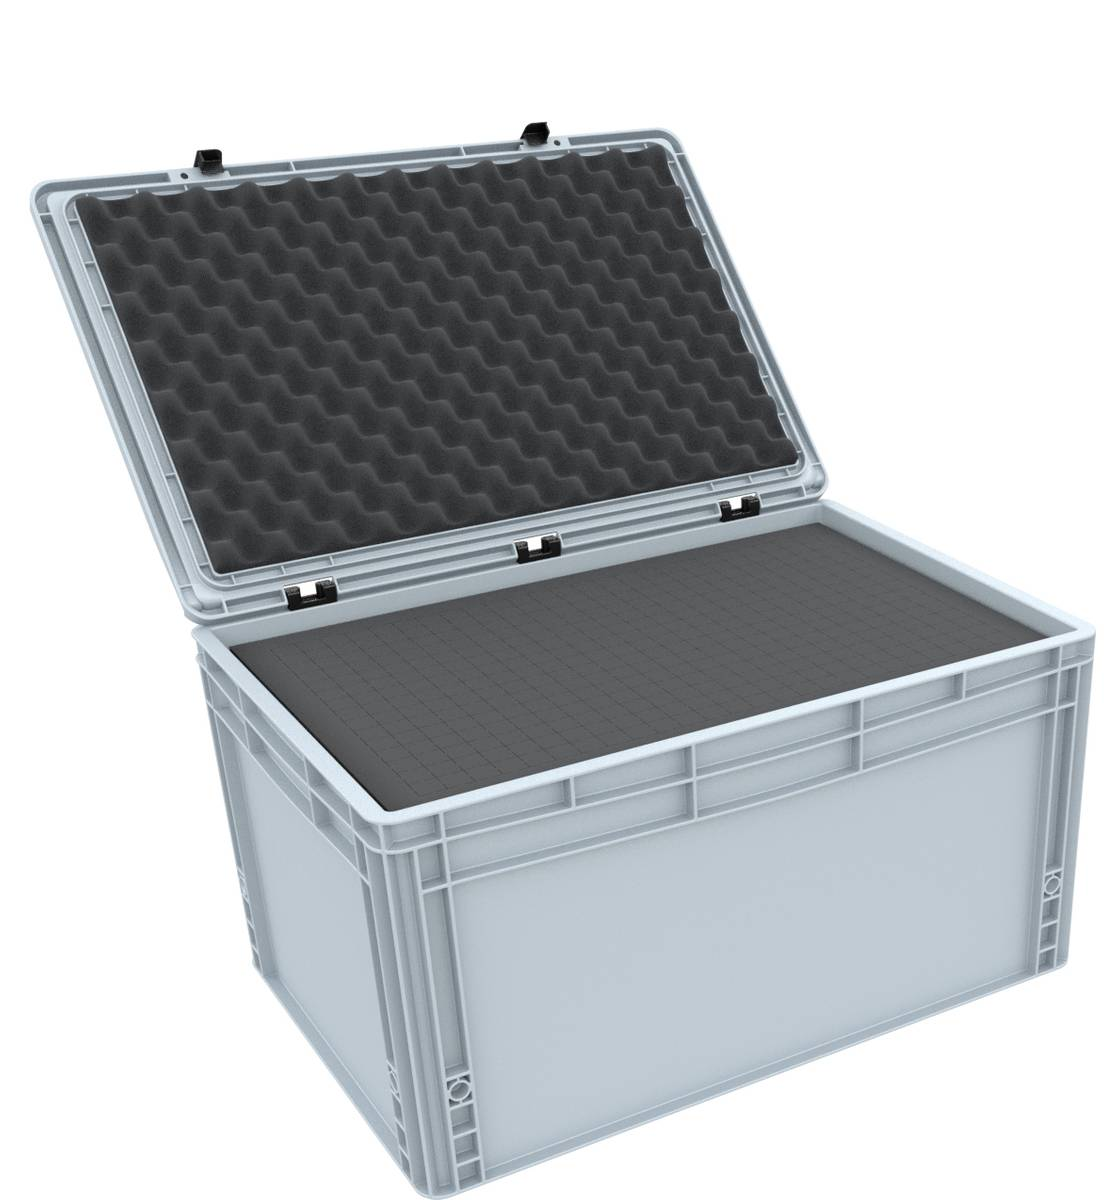 ED 64/32 HG Eurobehälter / Euro Box mit Scharnierdeckel 600 x 400 x 335 mm inklusive Rasterschaumstoff